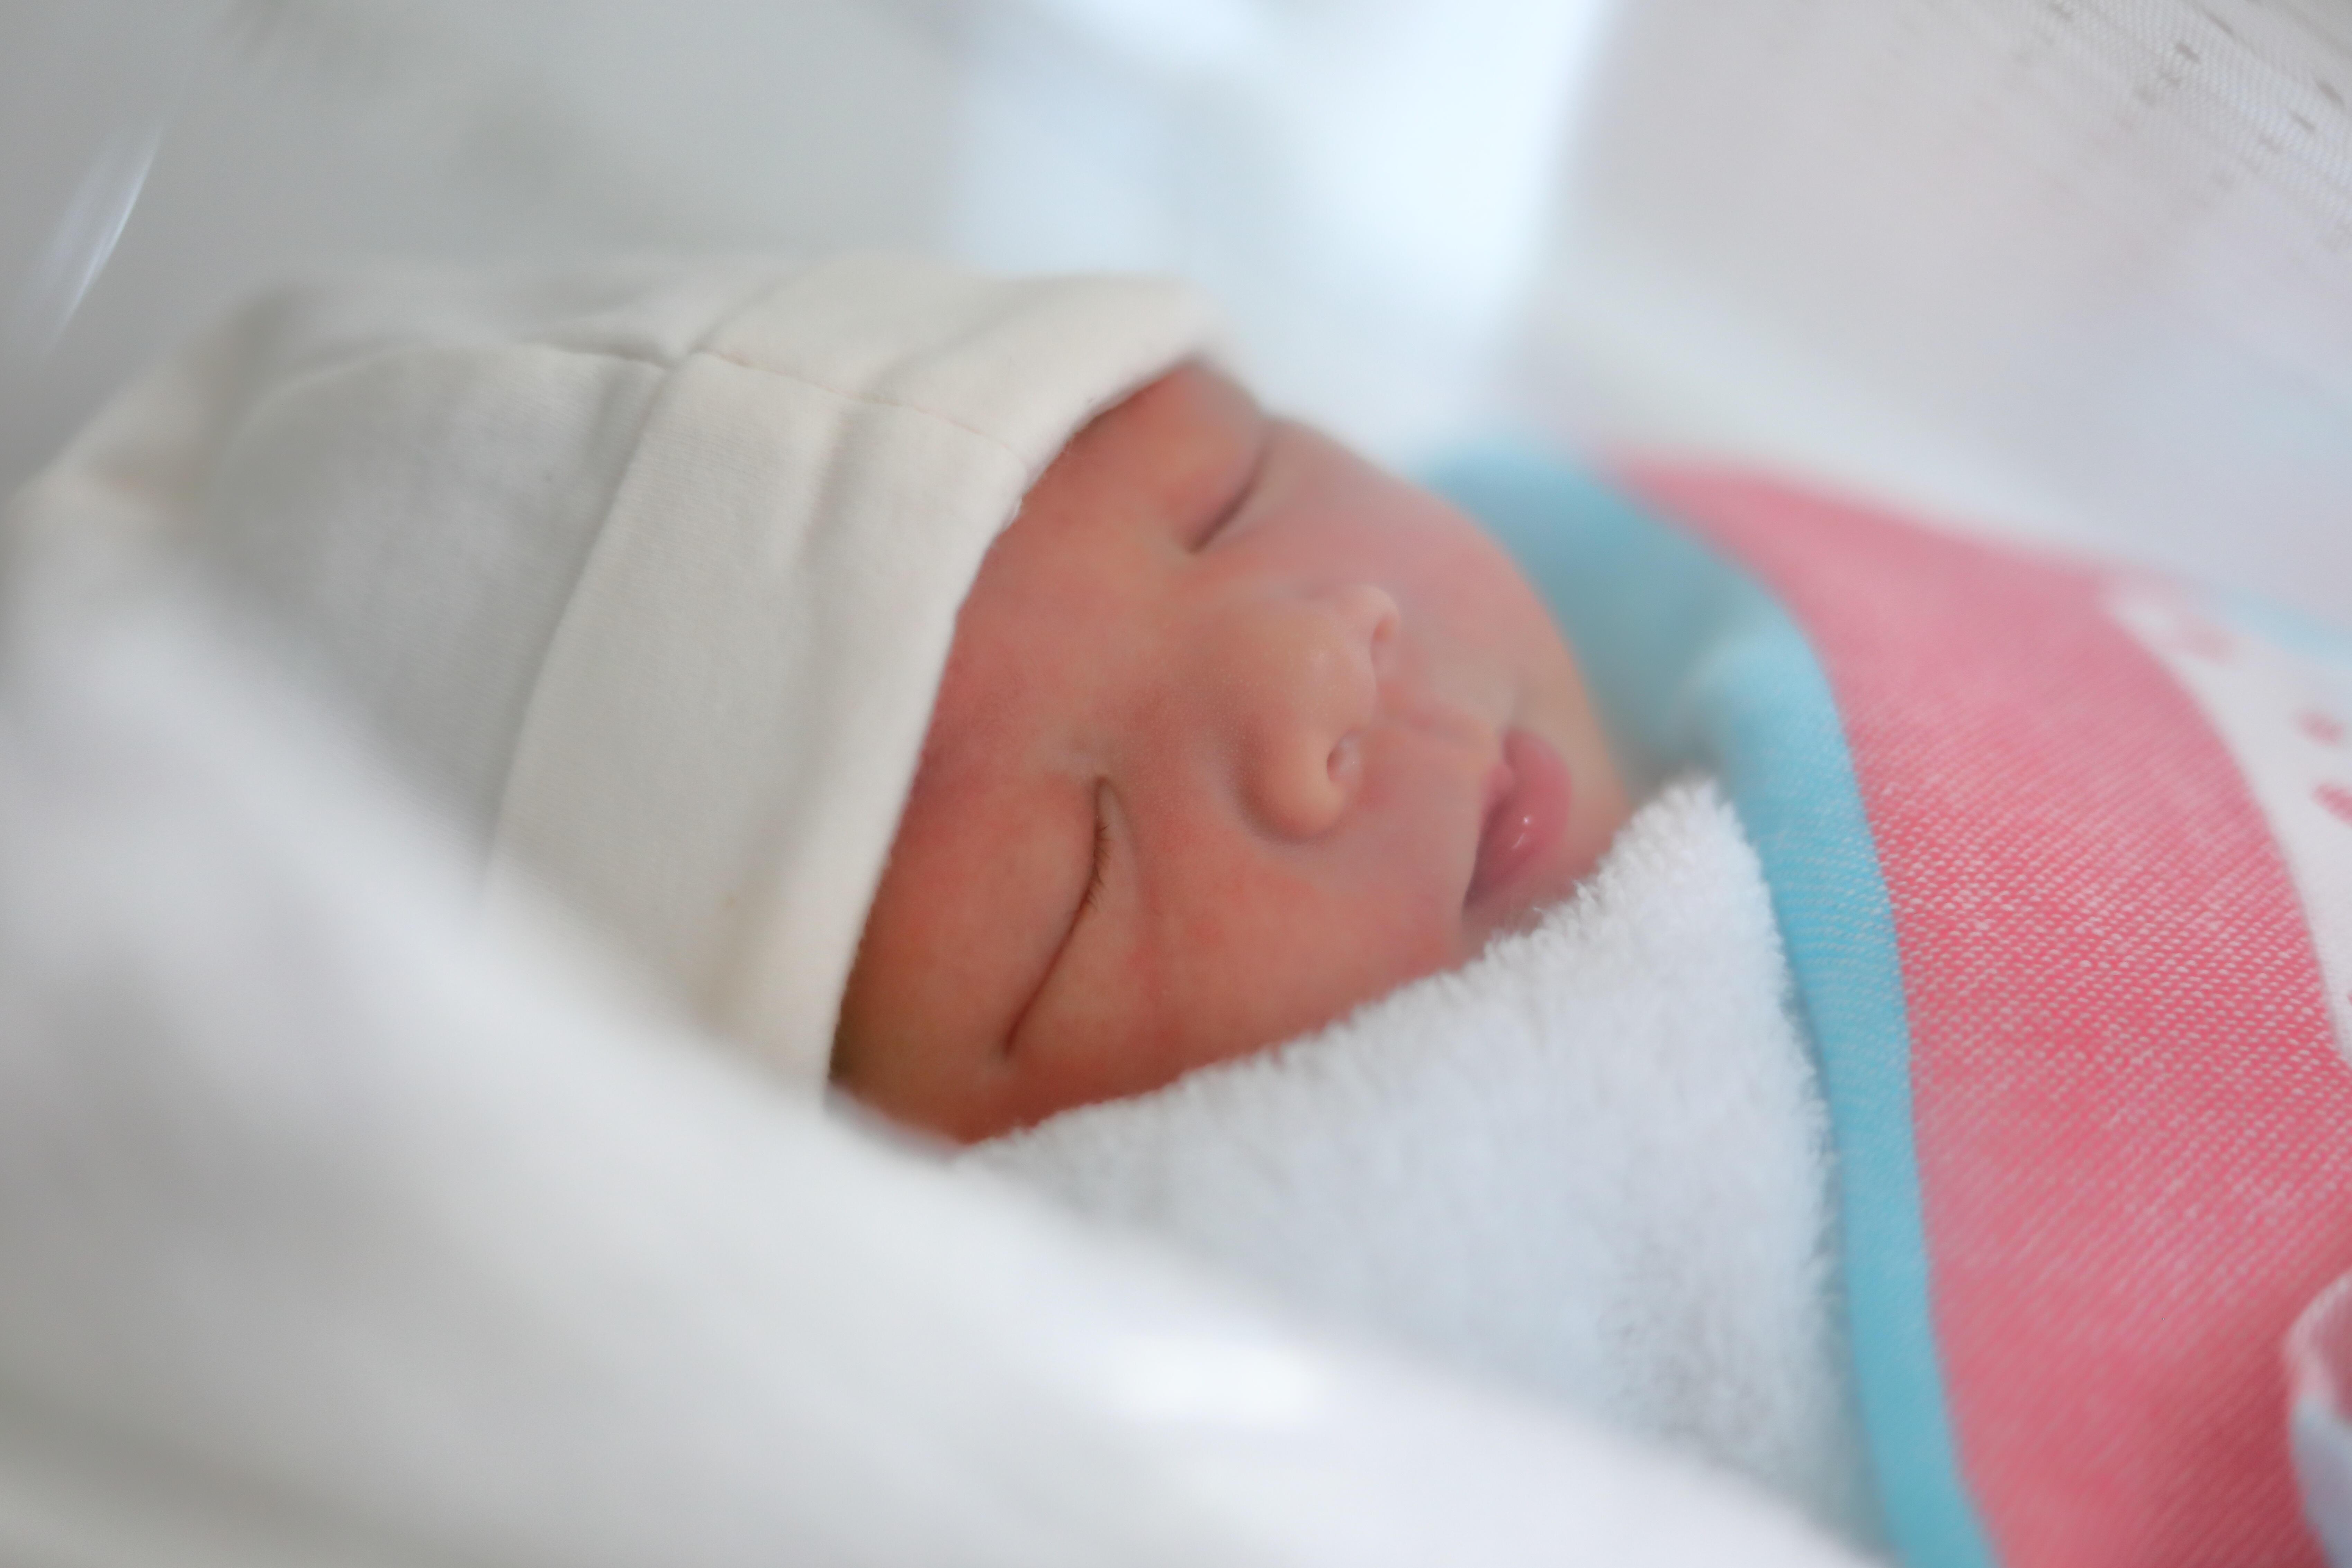 計算 赤ちゃん 体重 新生児のミルクの量はどれくらい?1日のトータル量や体重別の目安を解説【助産師監修】